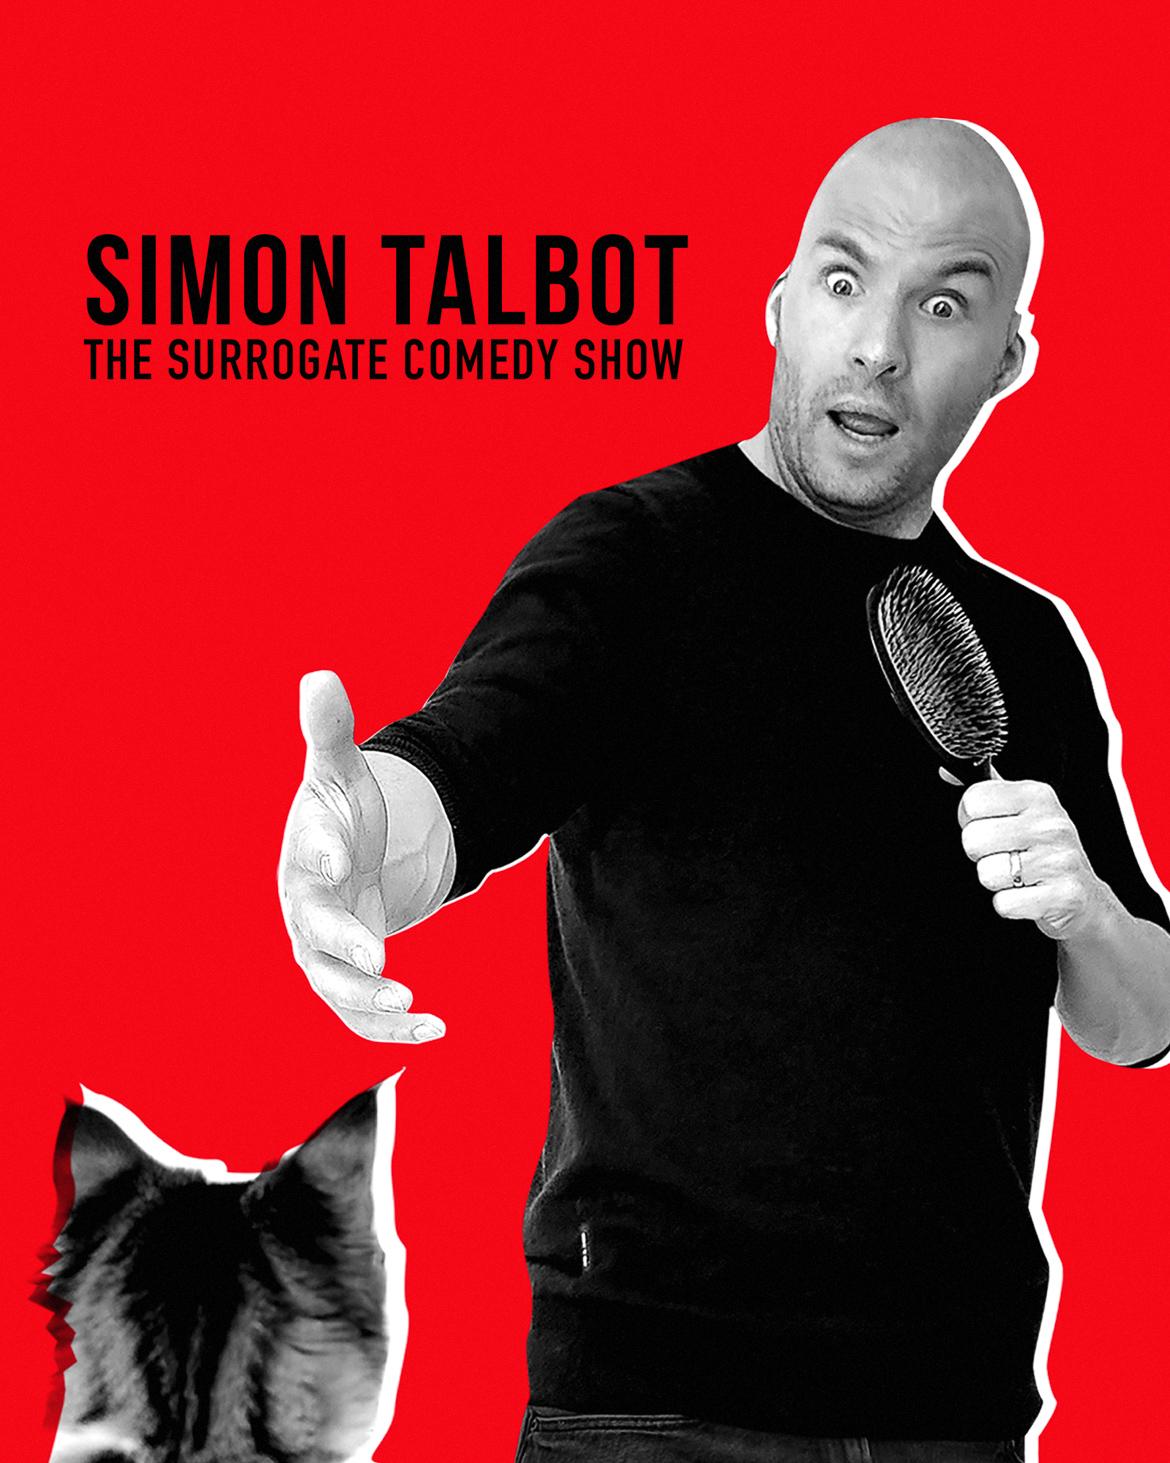 Simon Talbot